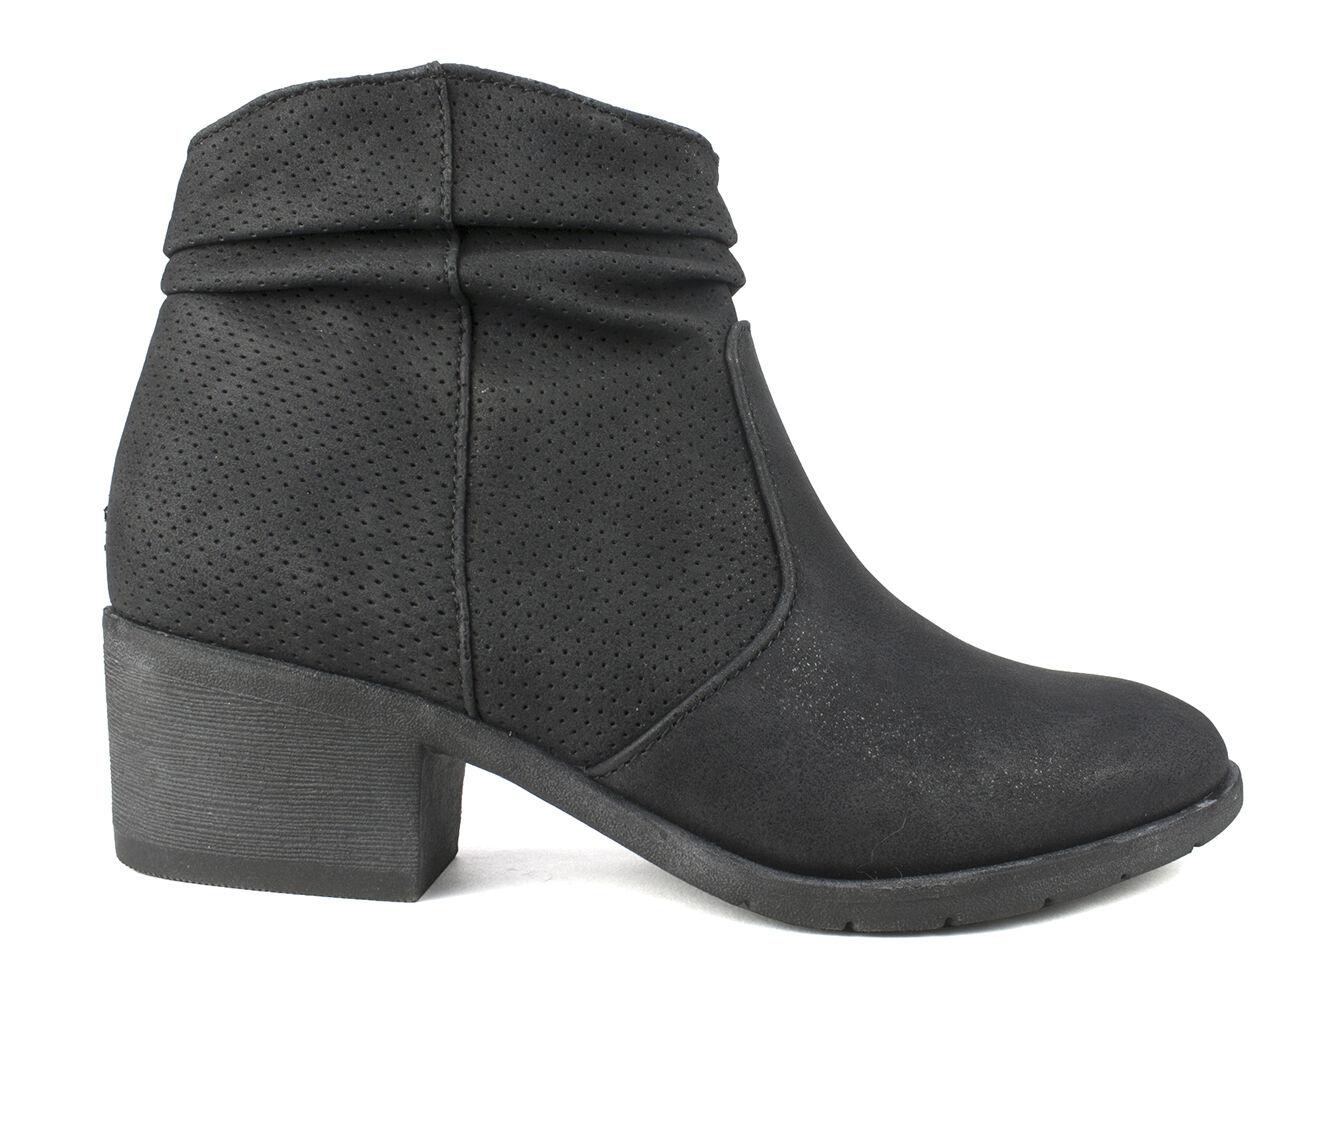 New Release Women's Seven Dials Udelia Western Boots Black